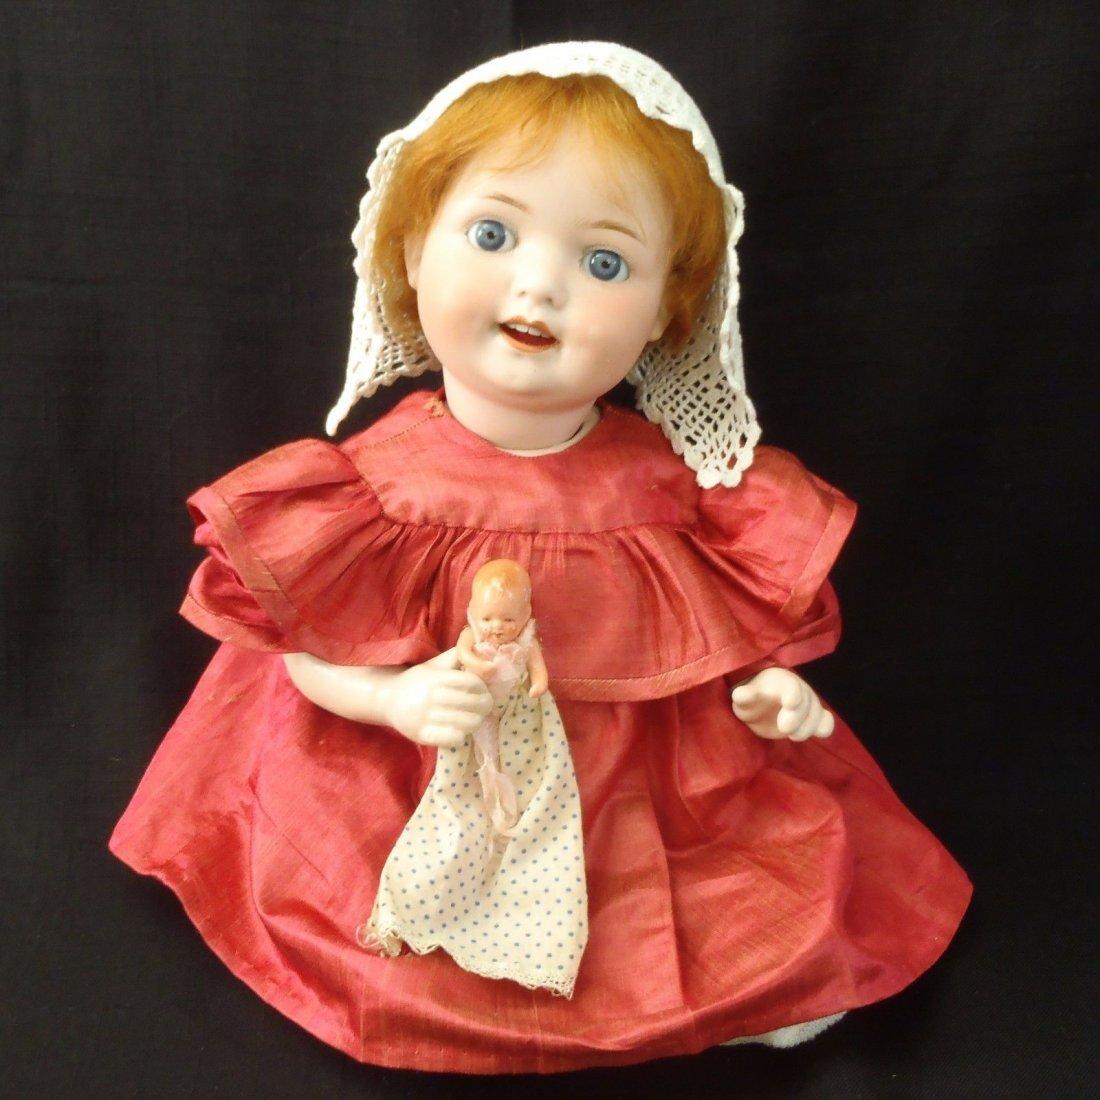 HEUBACH KOPPELSDORF 300-2 BABY IN ANTIQUE DRESS